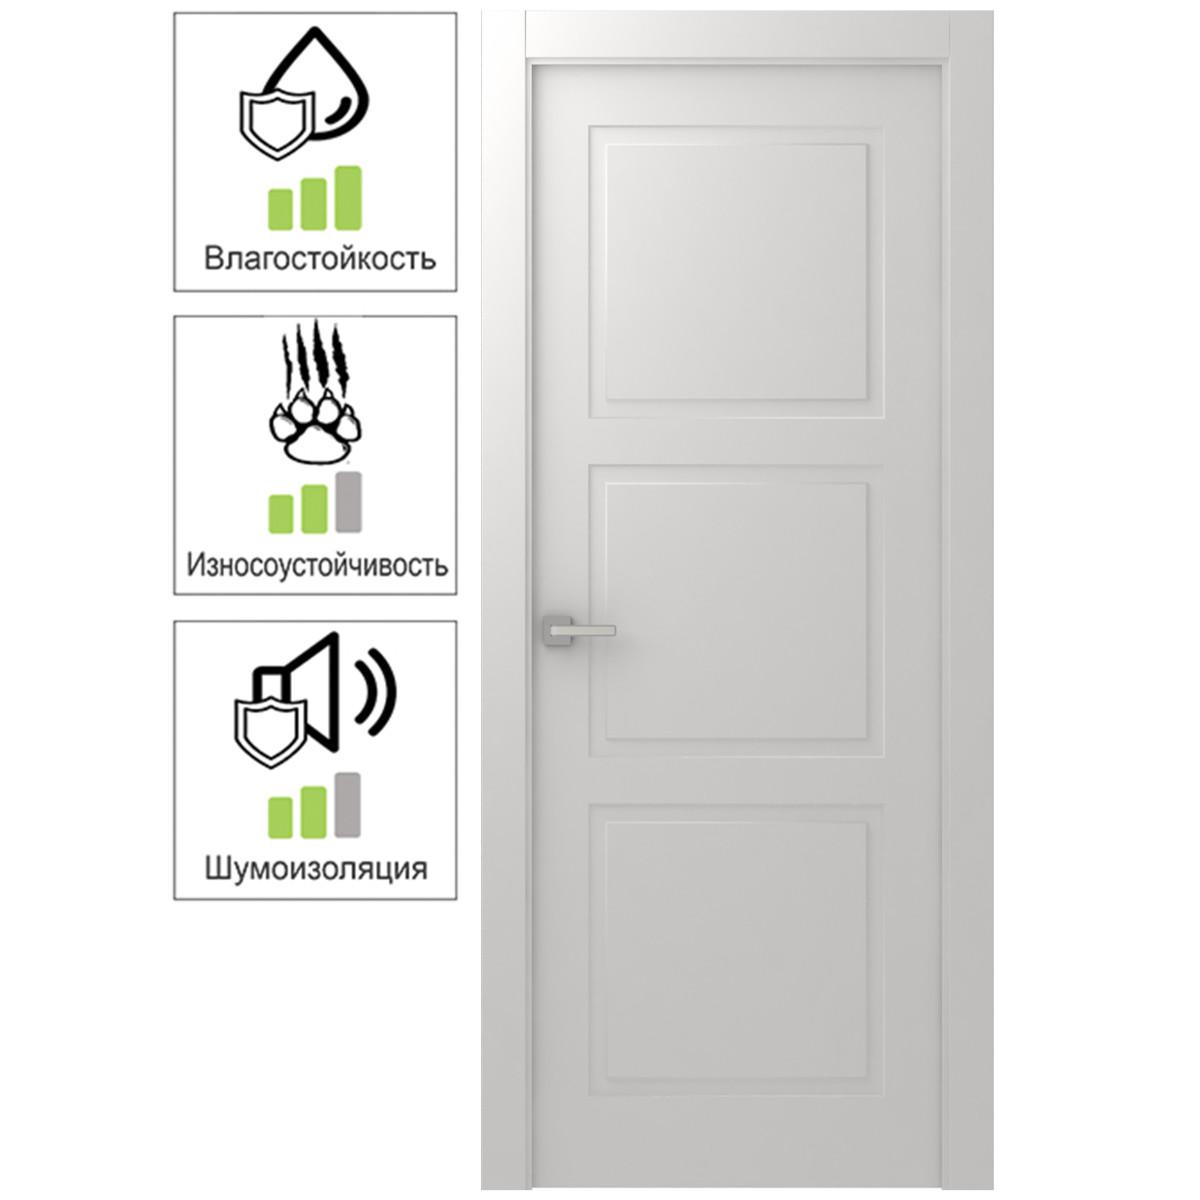 Дверь Межкомнатная Глухая С Замком В Комплекте Британия 60x200 Цвет Белый